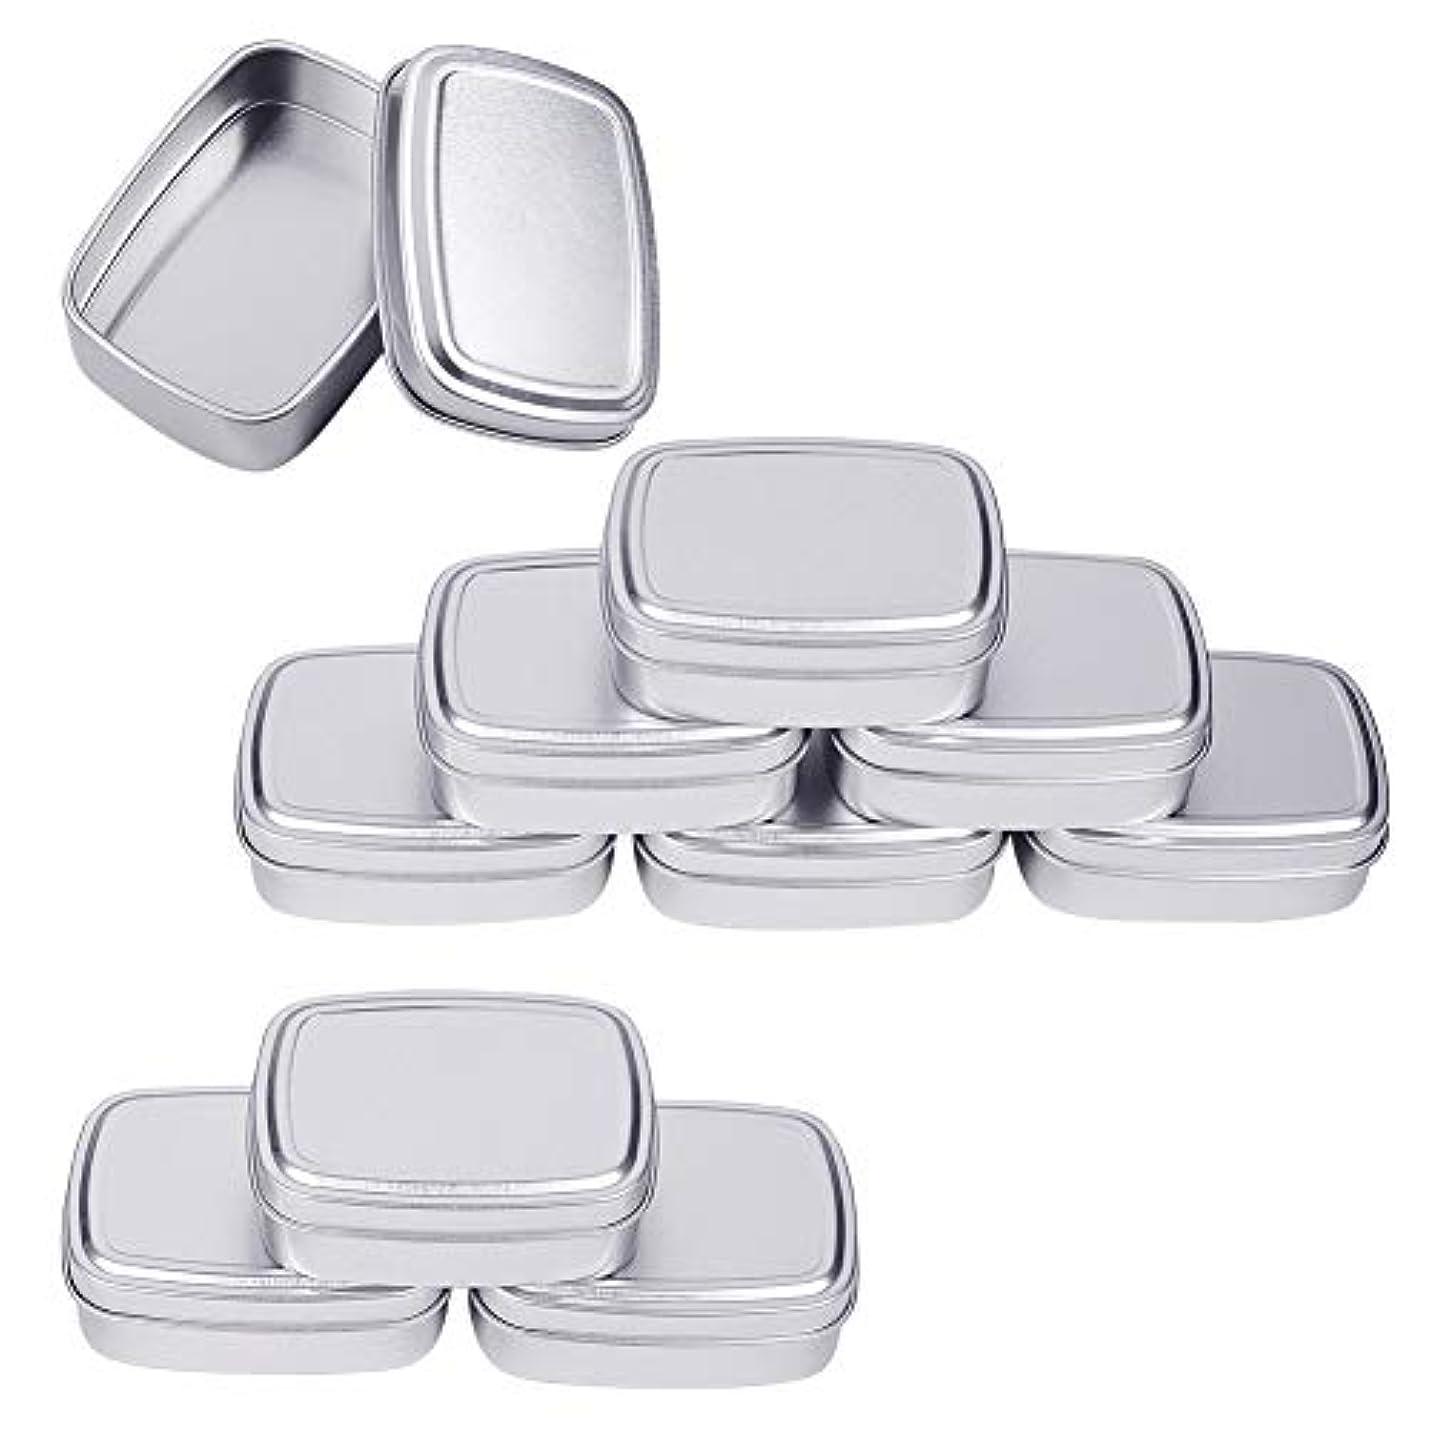 無視できるトーストリーガンBENECREAT 9個セット80mlアルミ缶 方形 アルミネジキャップ缶 小分け容器 詰め替え容器 クリームケース 化粧品 クリーム 小物用収納ボックス シルバー